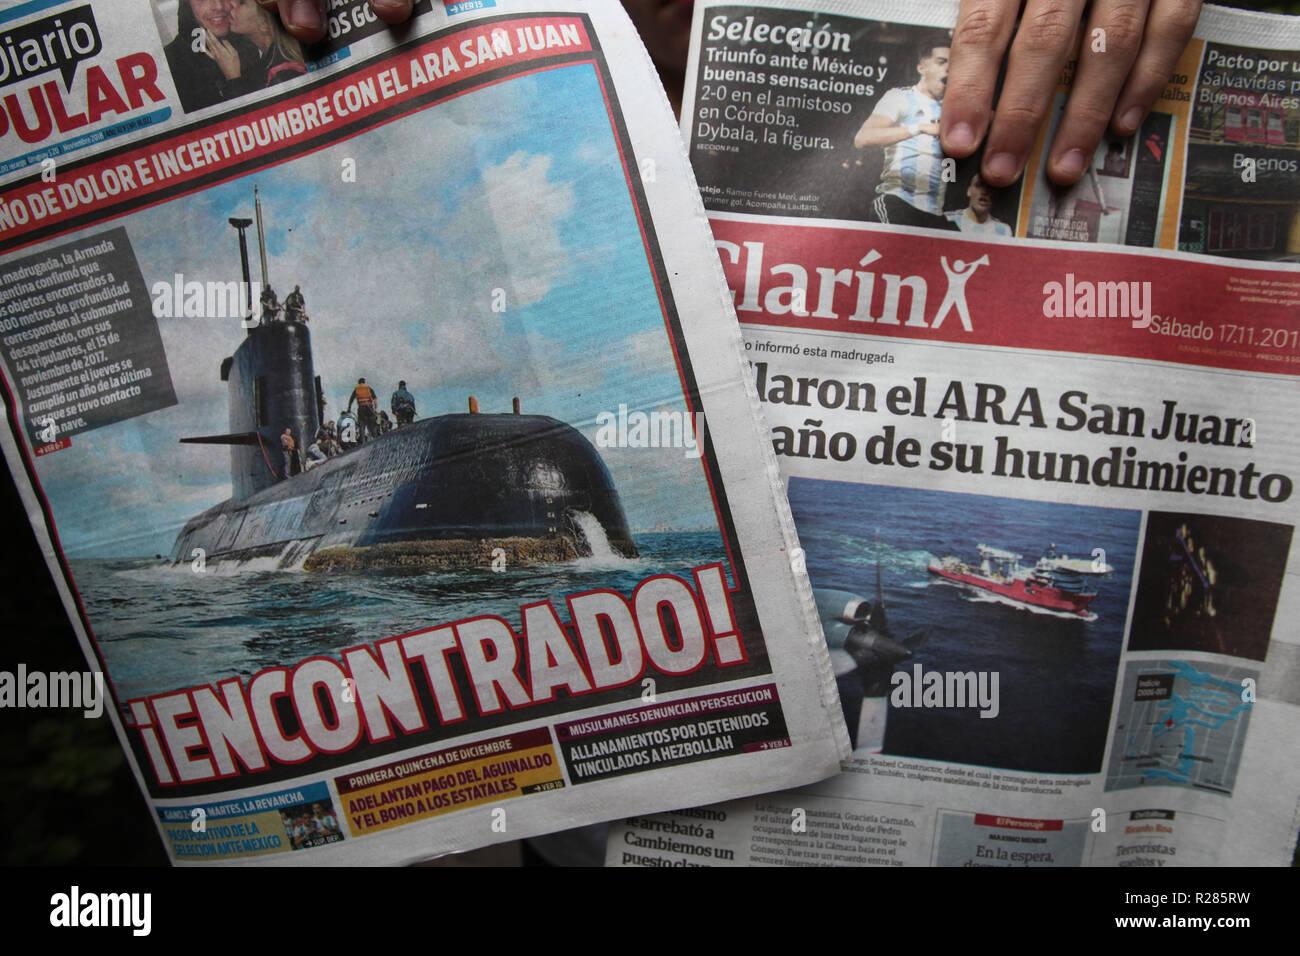 Buenos Aires, Argentina. 17 Nov, 2018. Primeras páginas con las últimas noticias sobre el hallazgo del submarino ARA San Juan. Los restos de un submarino que desapareció con 44 tripulantes a bordo hace un año se ha encontrado, la Armada Argentina dice. Crédito: Claudio Santisteban/Zuma alambre/Alamy Live News Imagen De Stock